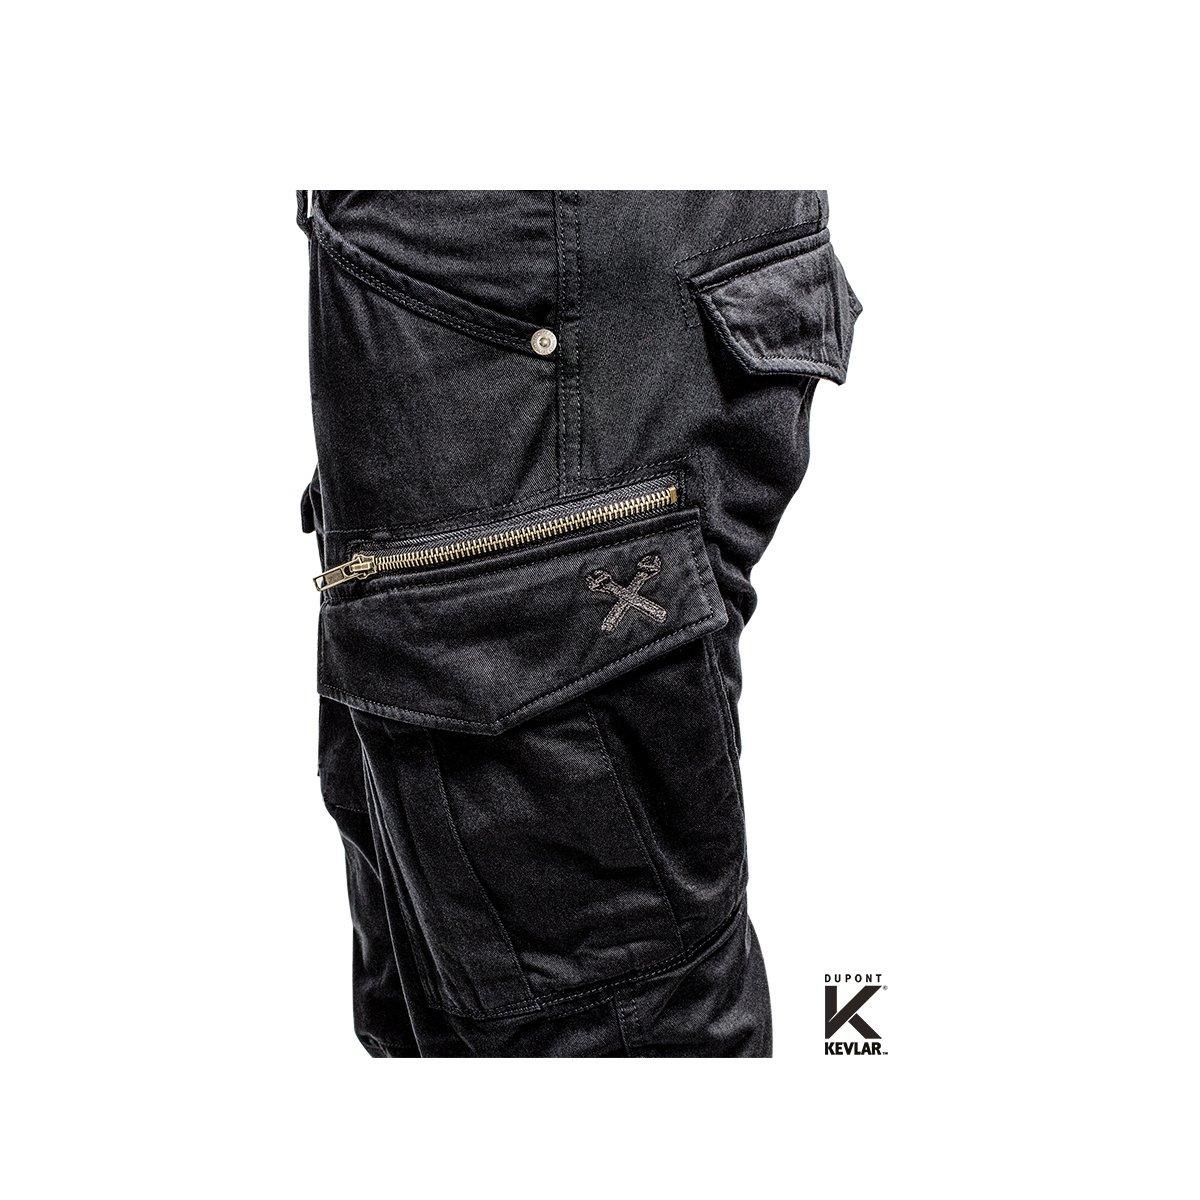 XTM Made with DuPont Kevlar Motorrad Cargo Hose Einsetzbare Protektoren Hose mit Seitentaschen Motorradhose mit Kevlar Atmungsaktiv Camouflage John Doe Stroker Cargo XTM